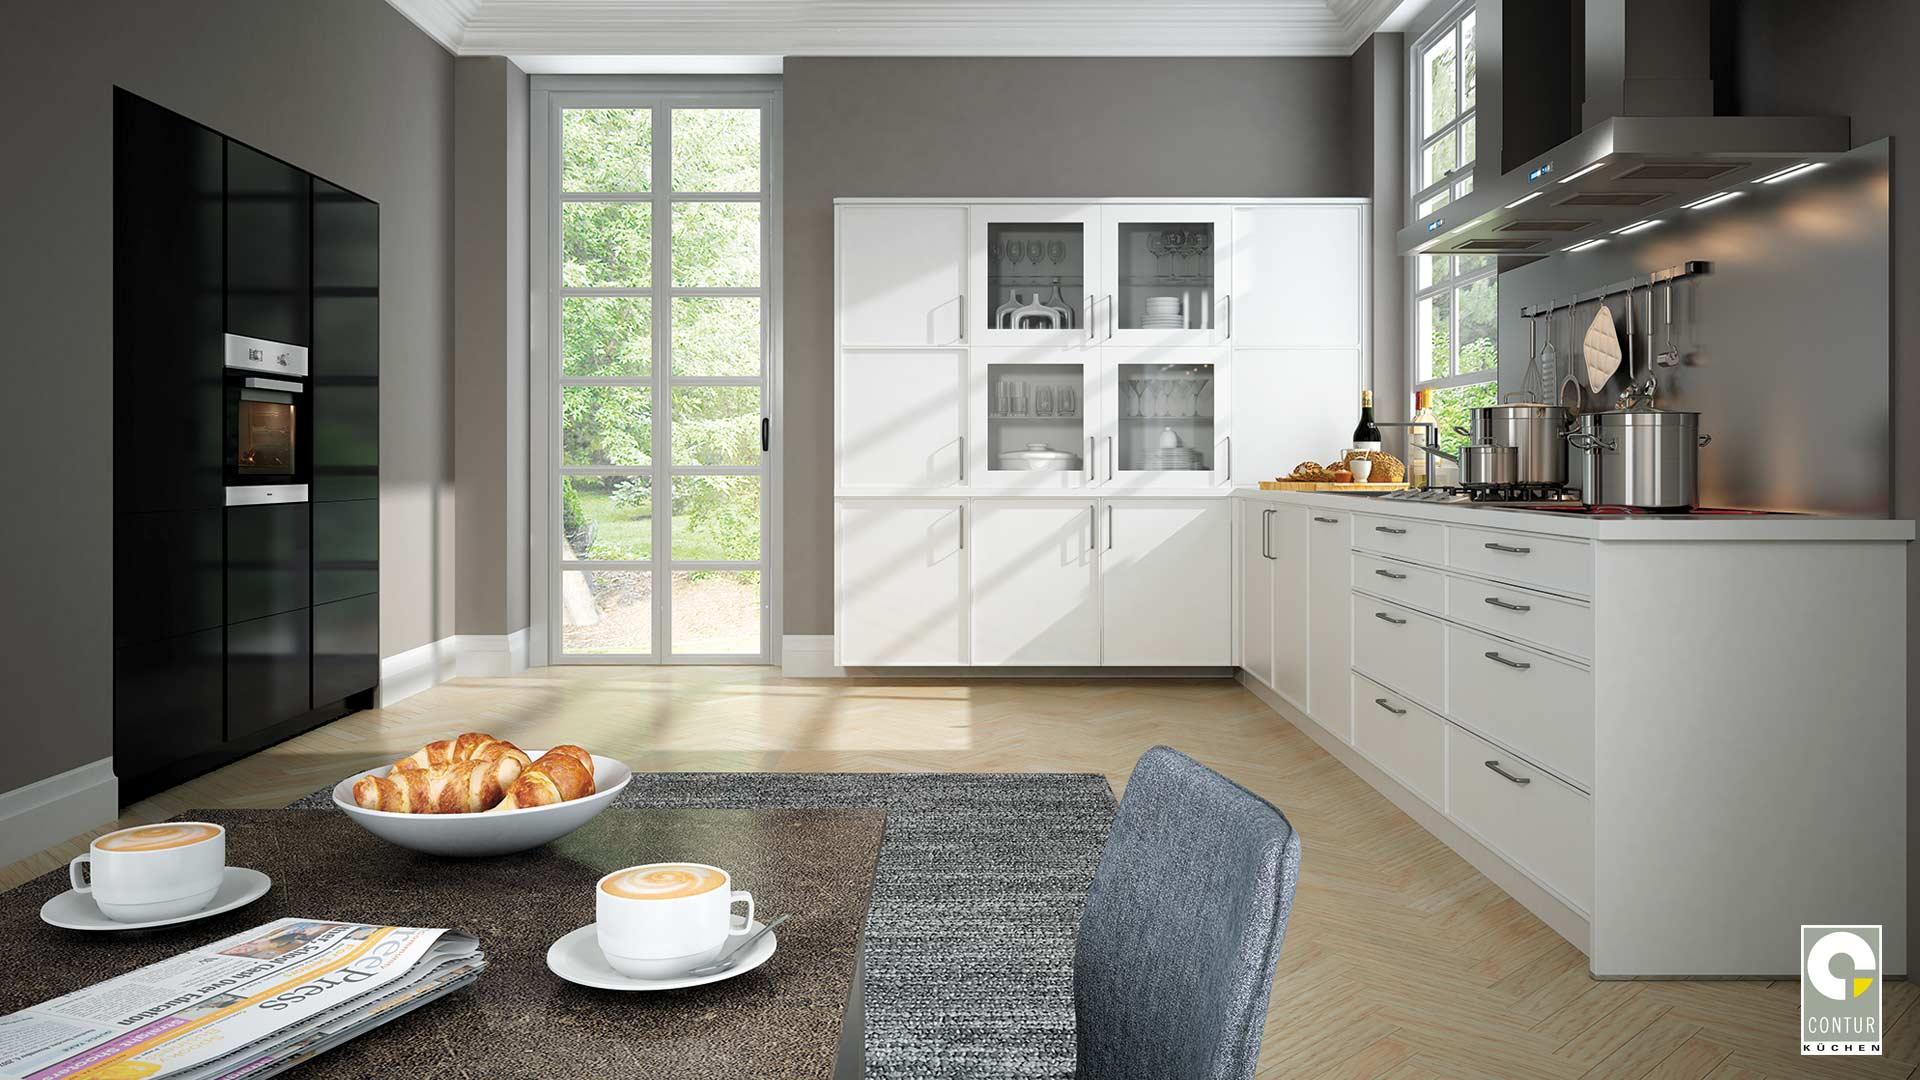 Full Size of Unterschrank Küche Zusammenstellen Respekta Küche Zusammenstellen Vicco Küche Zusammenstellen Küche Zusammenstellen Günstig Küche Küche Zusammenstellen